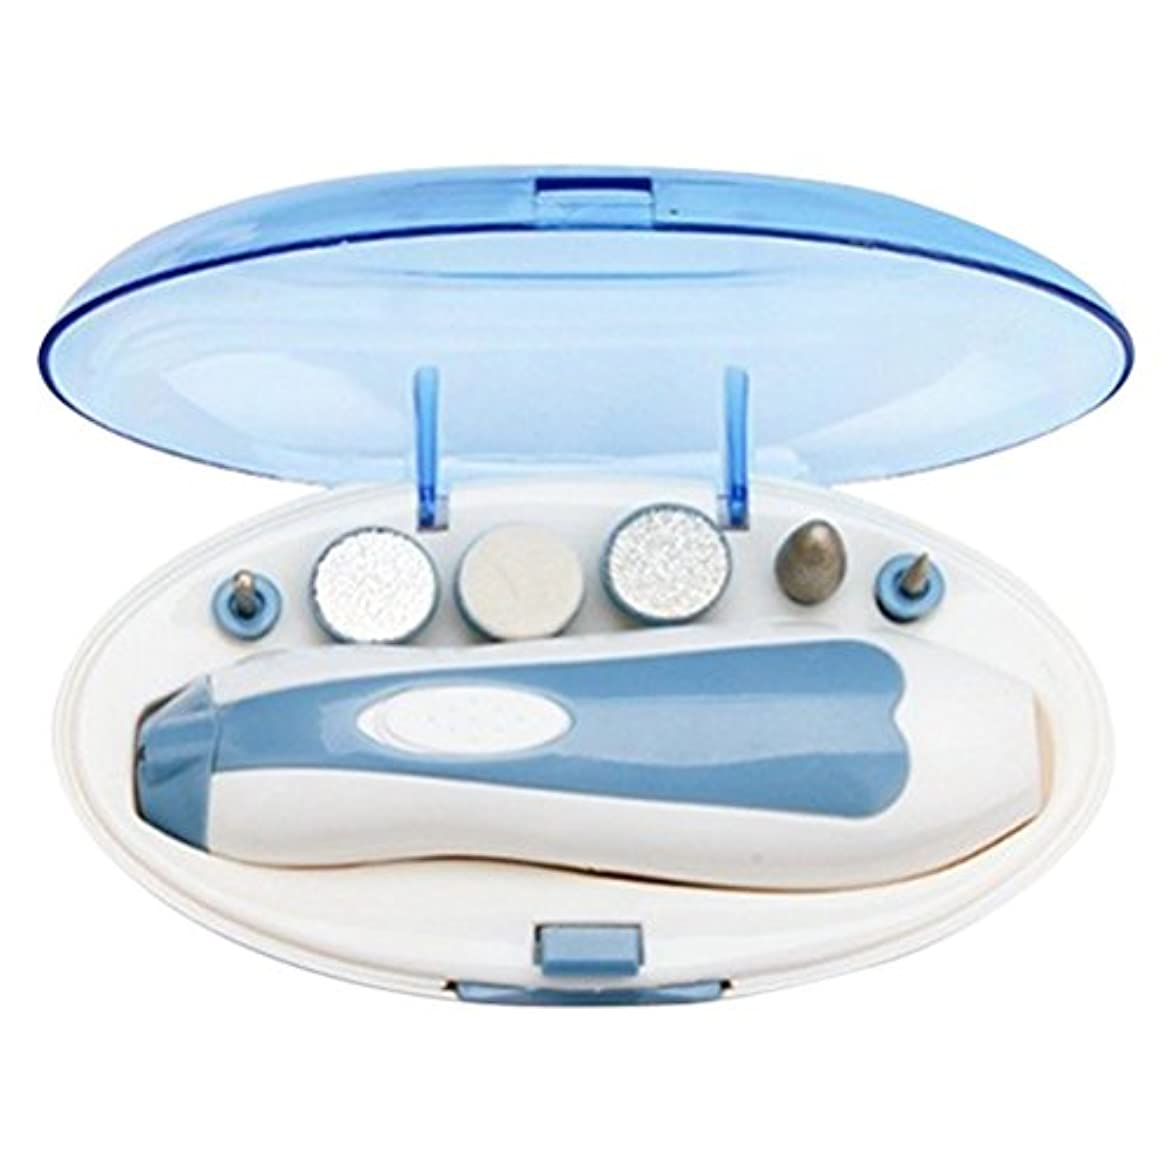 滑り台夫婦ストライド電動式ネイルケア ネイルマシン ネイルマシーン電動爪磨き 電池式 LEDライト搭載 アタッチメント6種類付き 甘皮 角質除去  持ち運び便利 ブルー ケース付